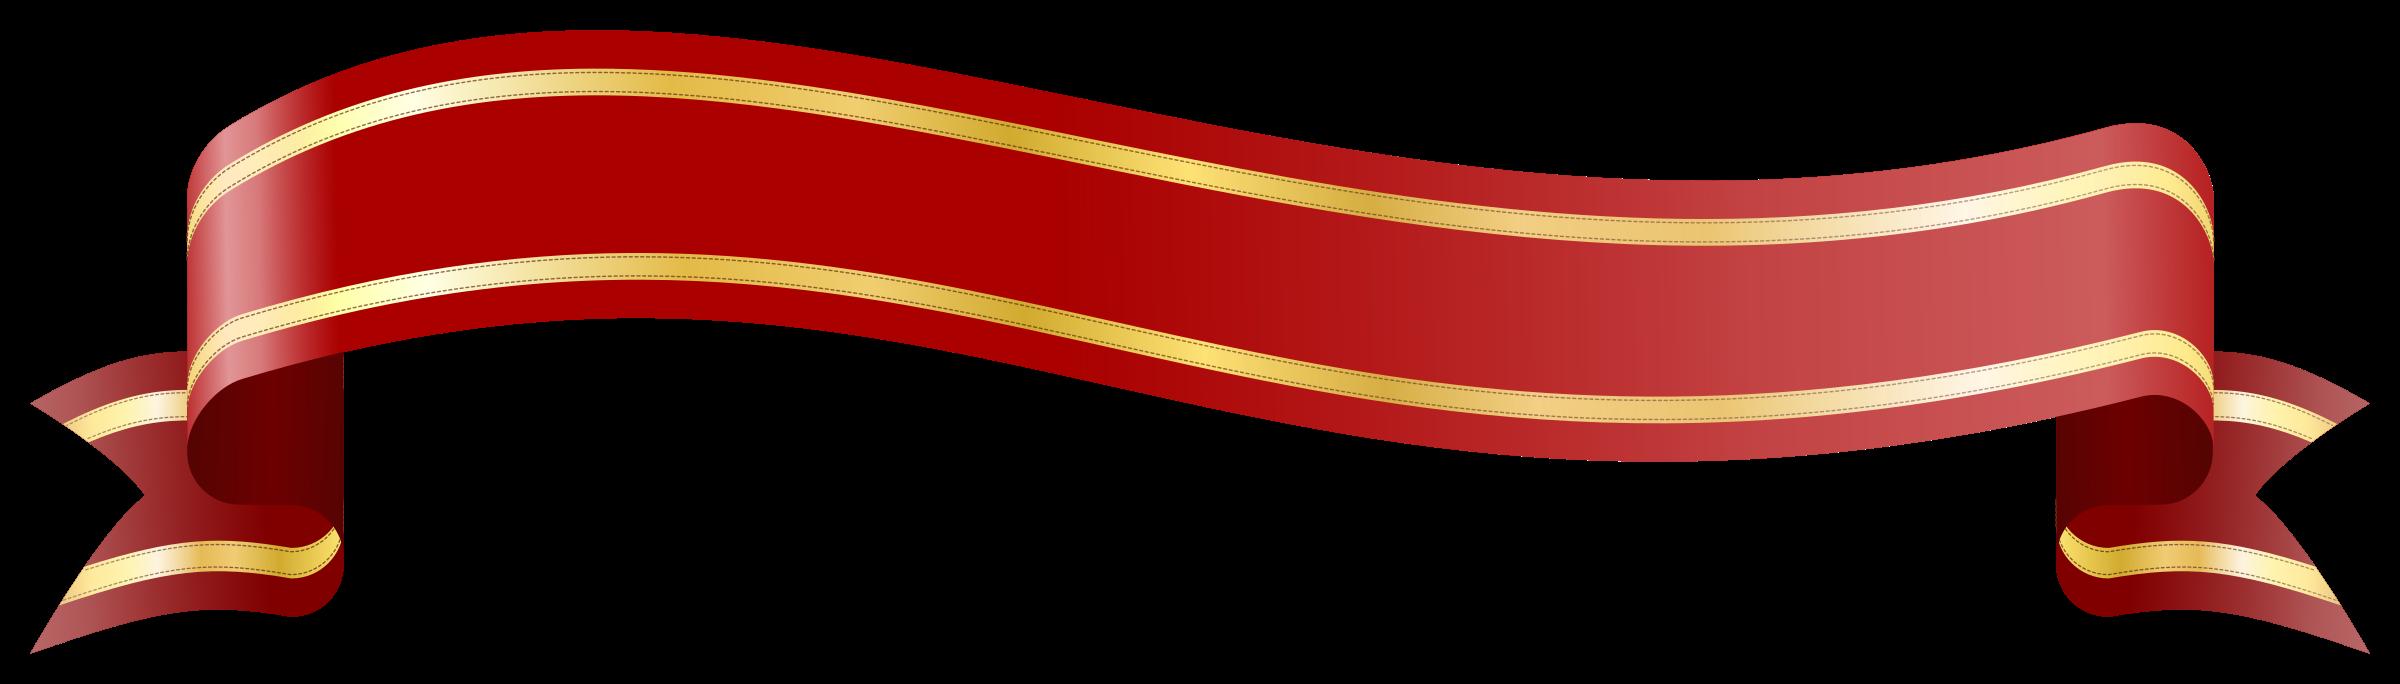 Banner by DooFi